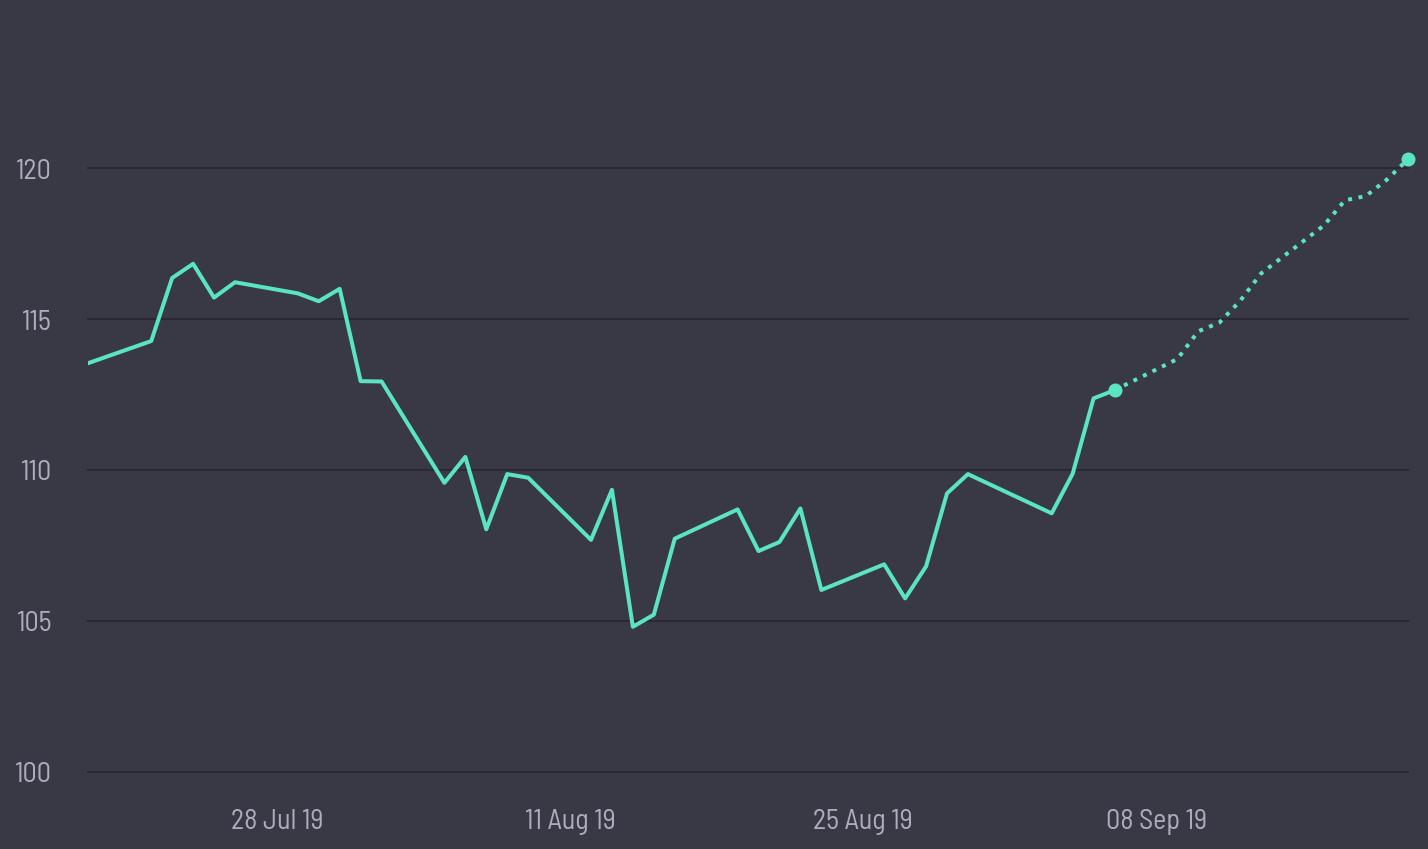 JPMorgan Chase & Co [JPM] Price Prediction | Buy at $112 64 👈